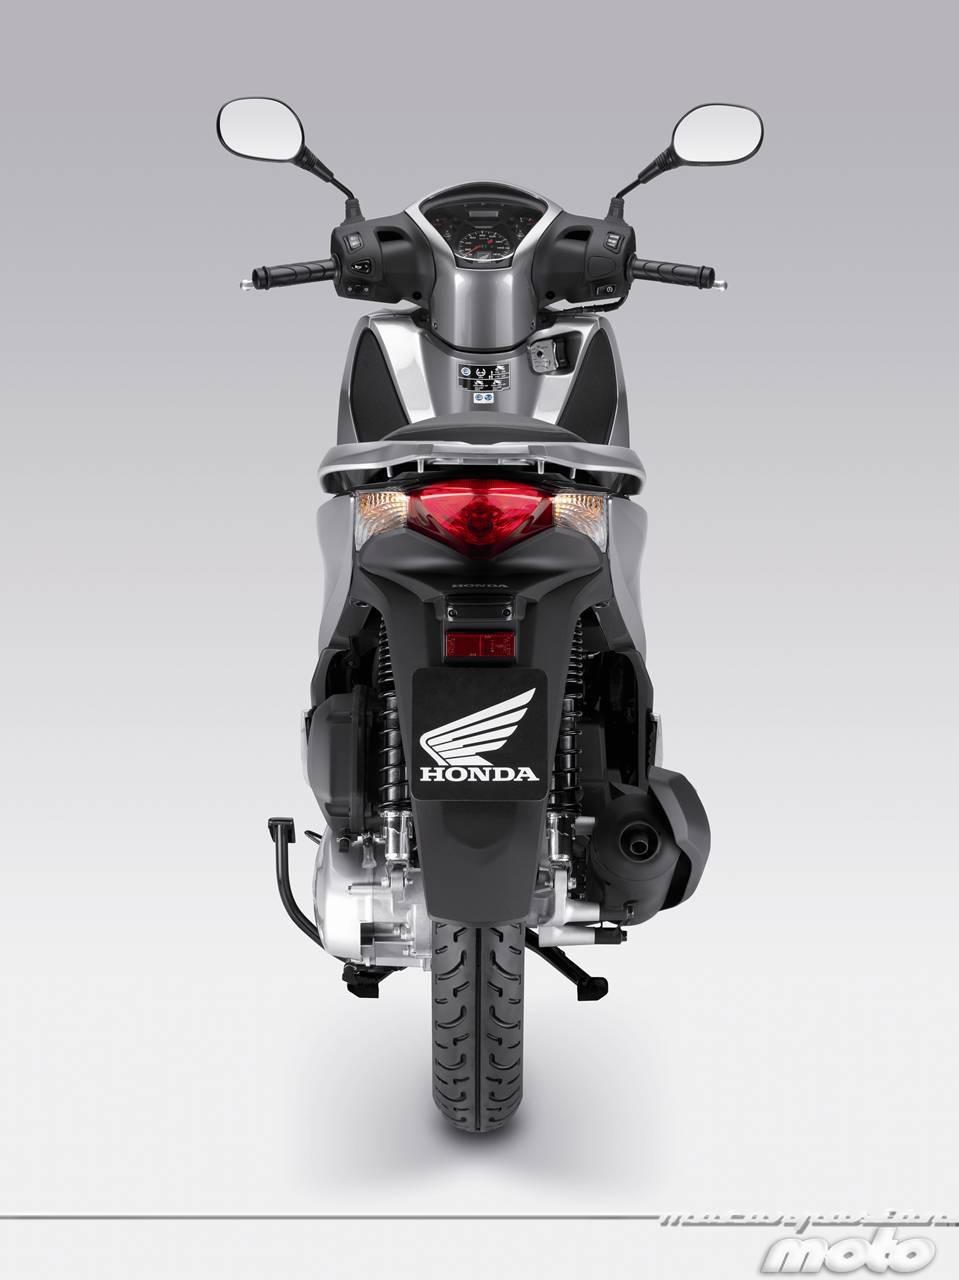 Foto de Honda Scoopy SH125i 2013, prueba (valoración, galería y ficha técnica)  - Fotos Detalles (39/81)